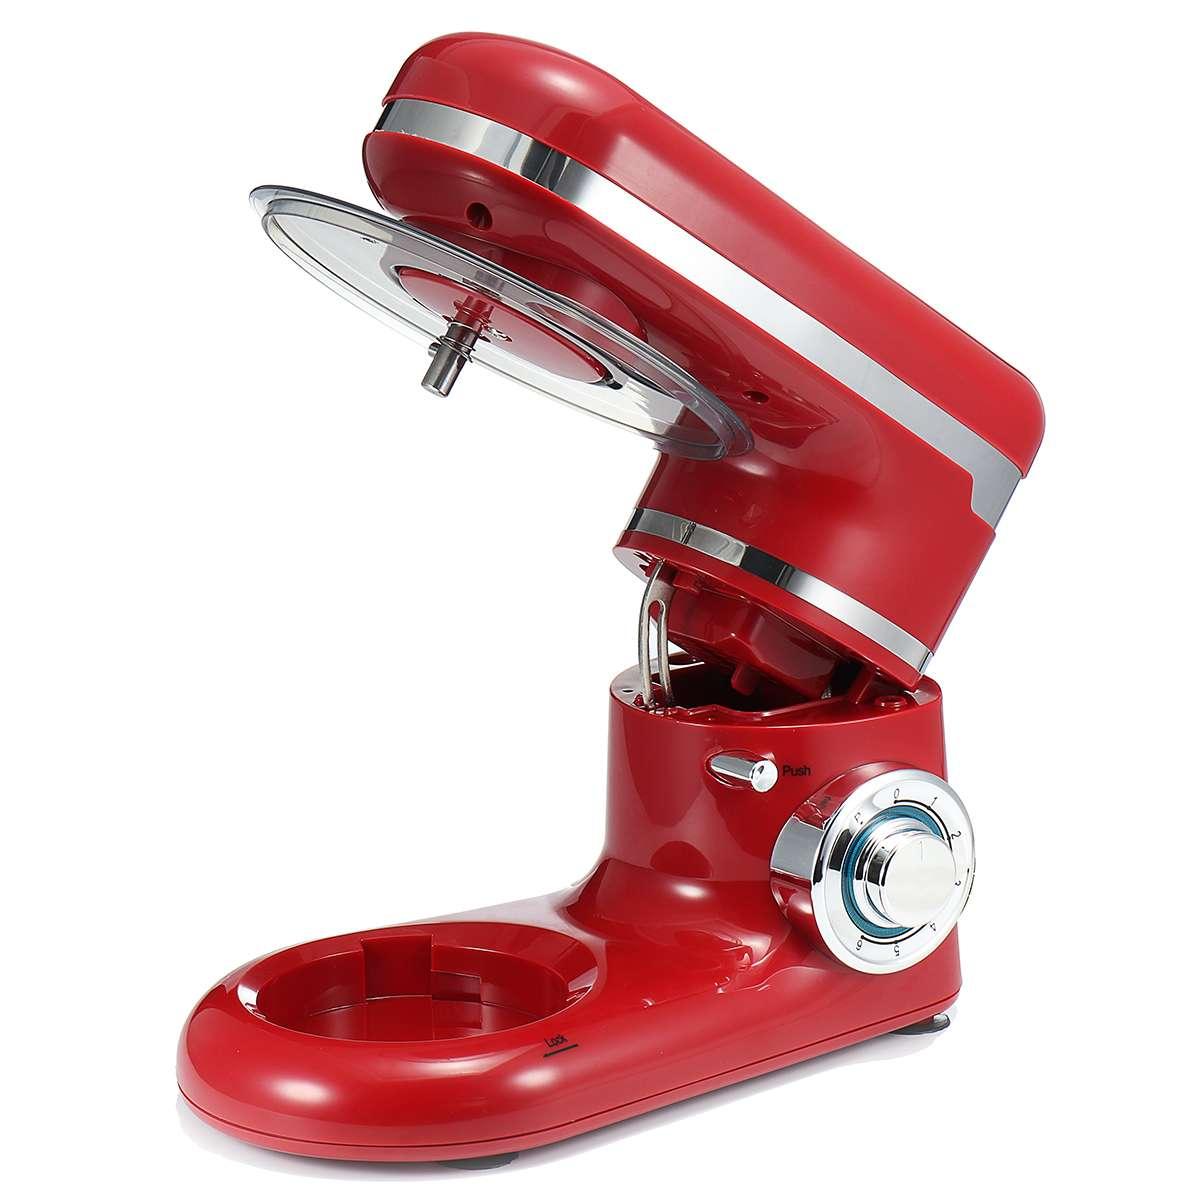 4L große schüssel 6 speed Haushalt Küche chef Elektrische Food Stand Mixer Schneebesen Teig Creme Mixer entsafter fleisch fleischwolf - 3